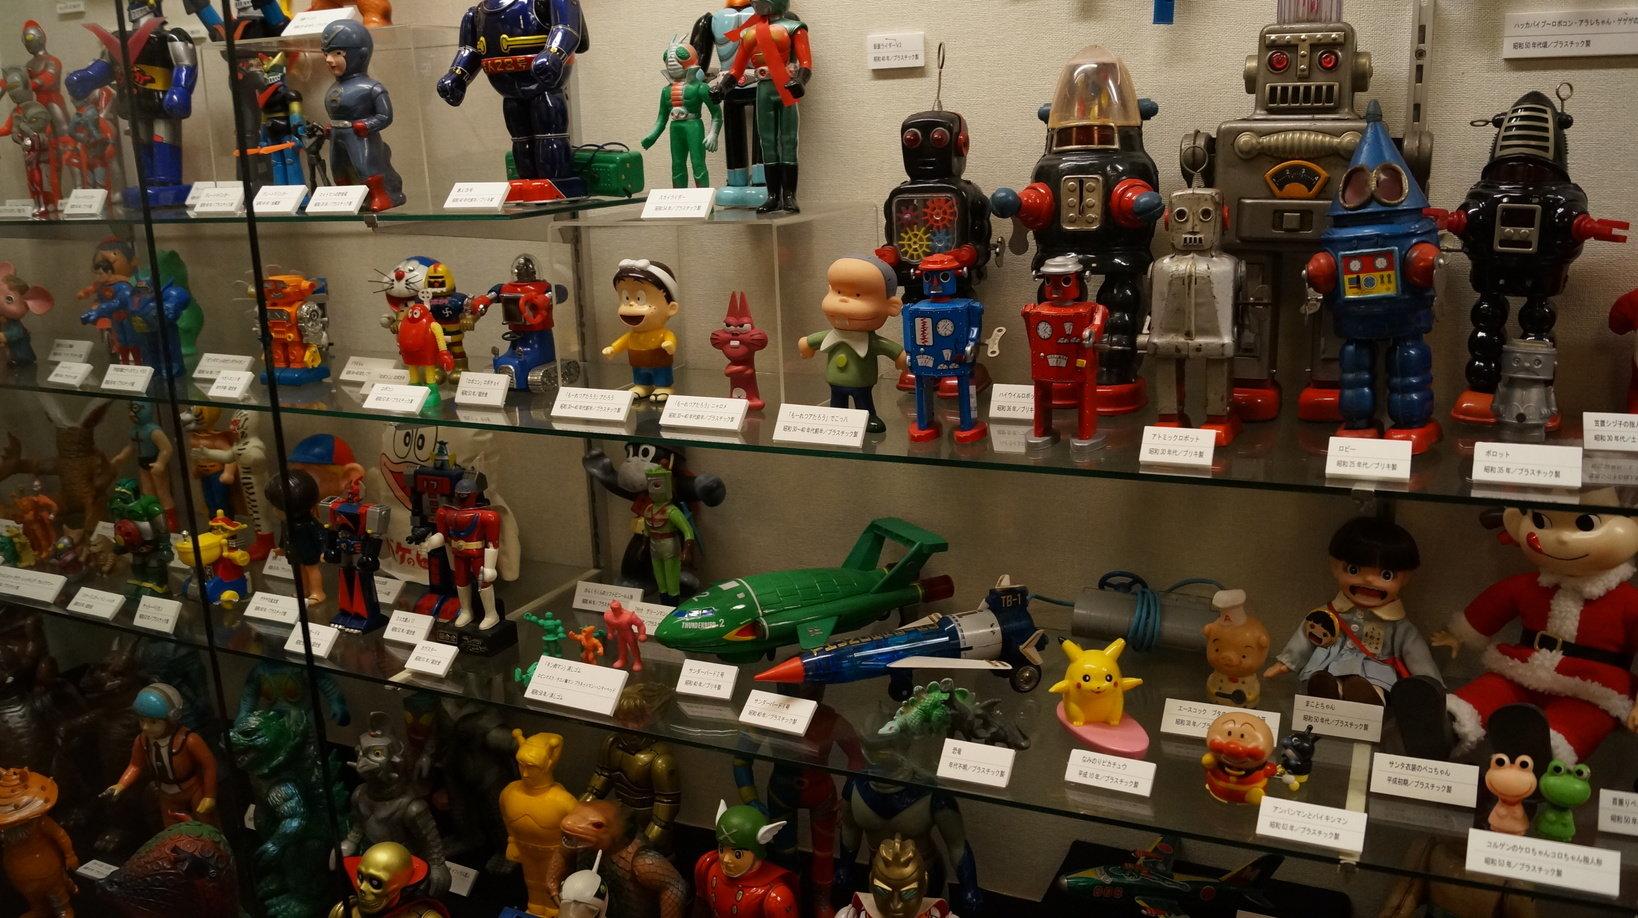 2号館のキャラクター物の玩具。近年ではオークションで高値が付いて、入手するのが難しいそうです